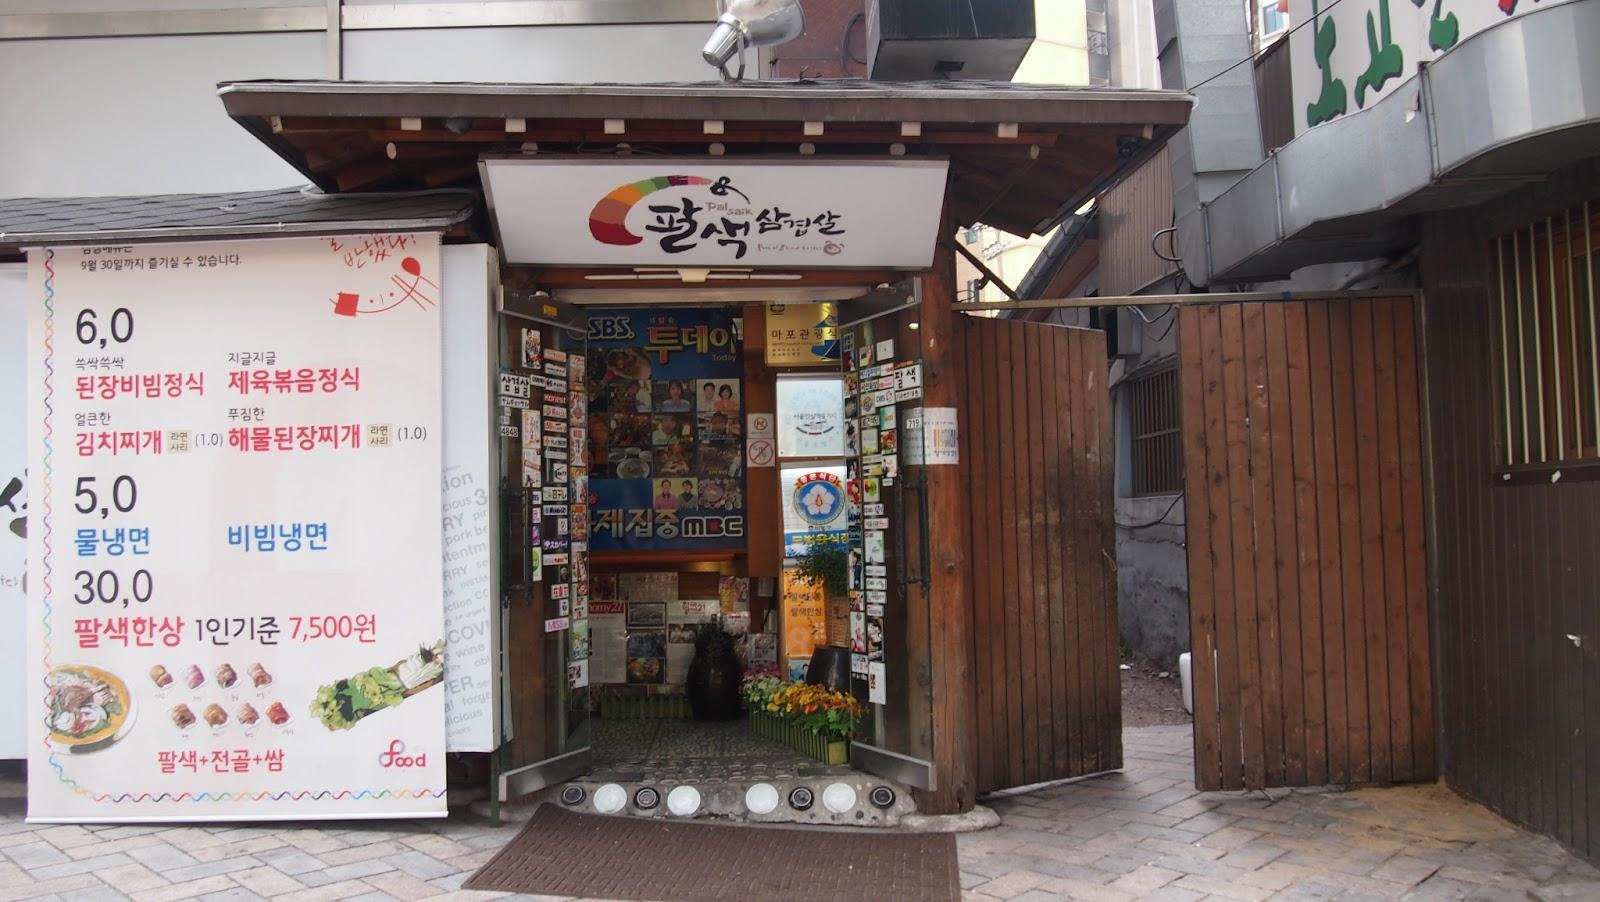 Kaii's Journey 旅行部落格: 新村 八色燒肉 八種特別味道 | 首爾新村美食推介